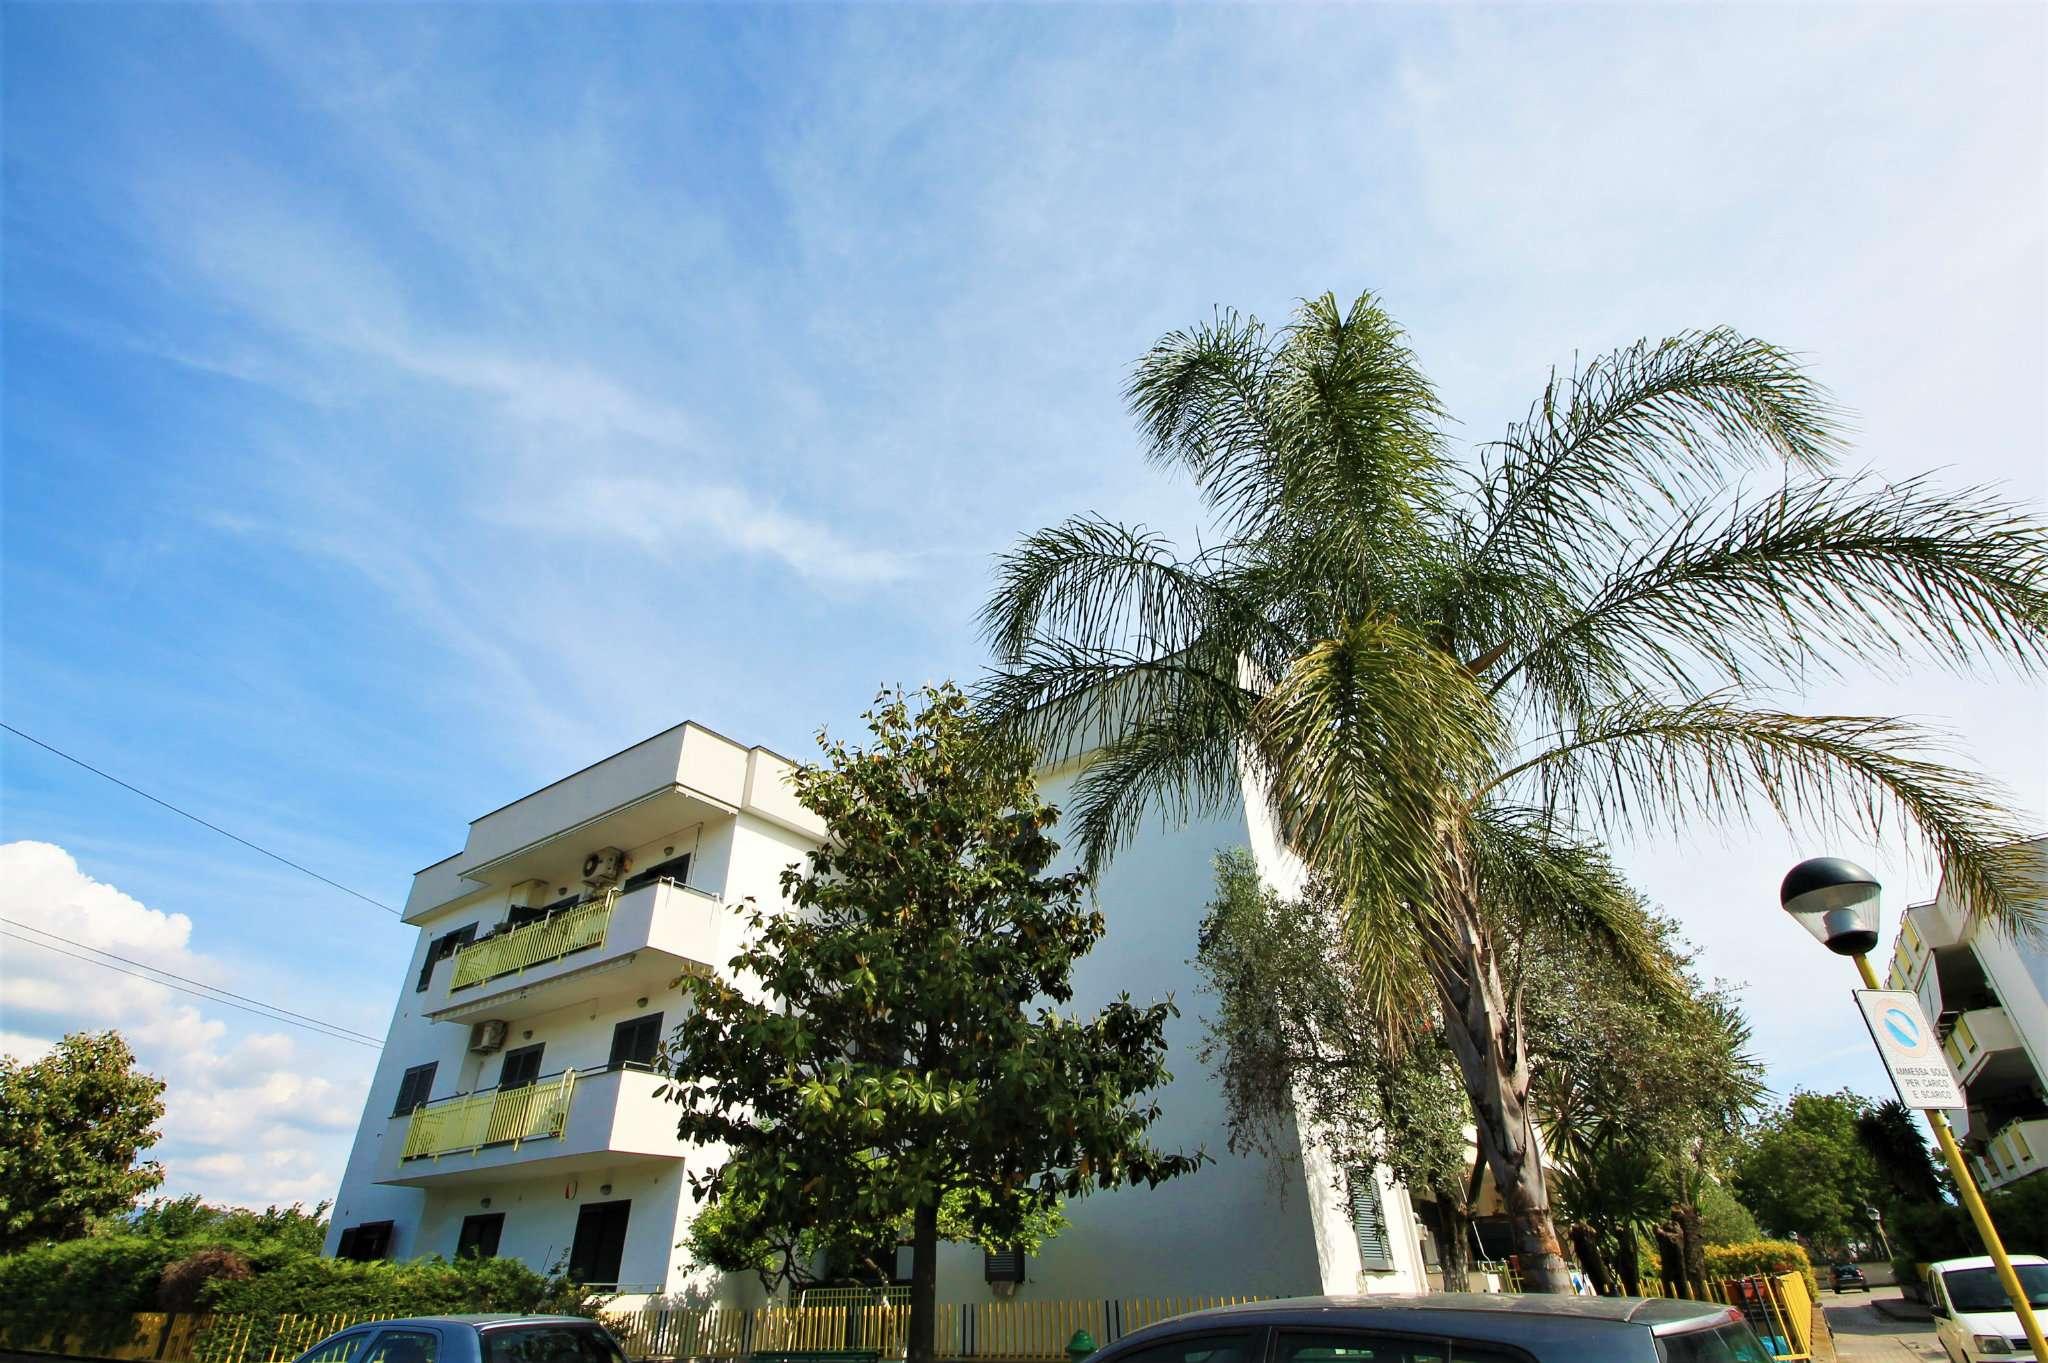 Appartamento in vendita a Saviano, 4 locali, prezzo € 175.000 | Cambio Casa.it